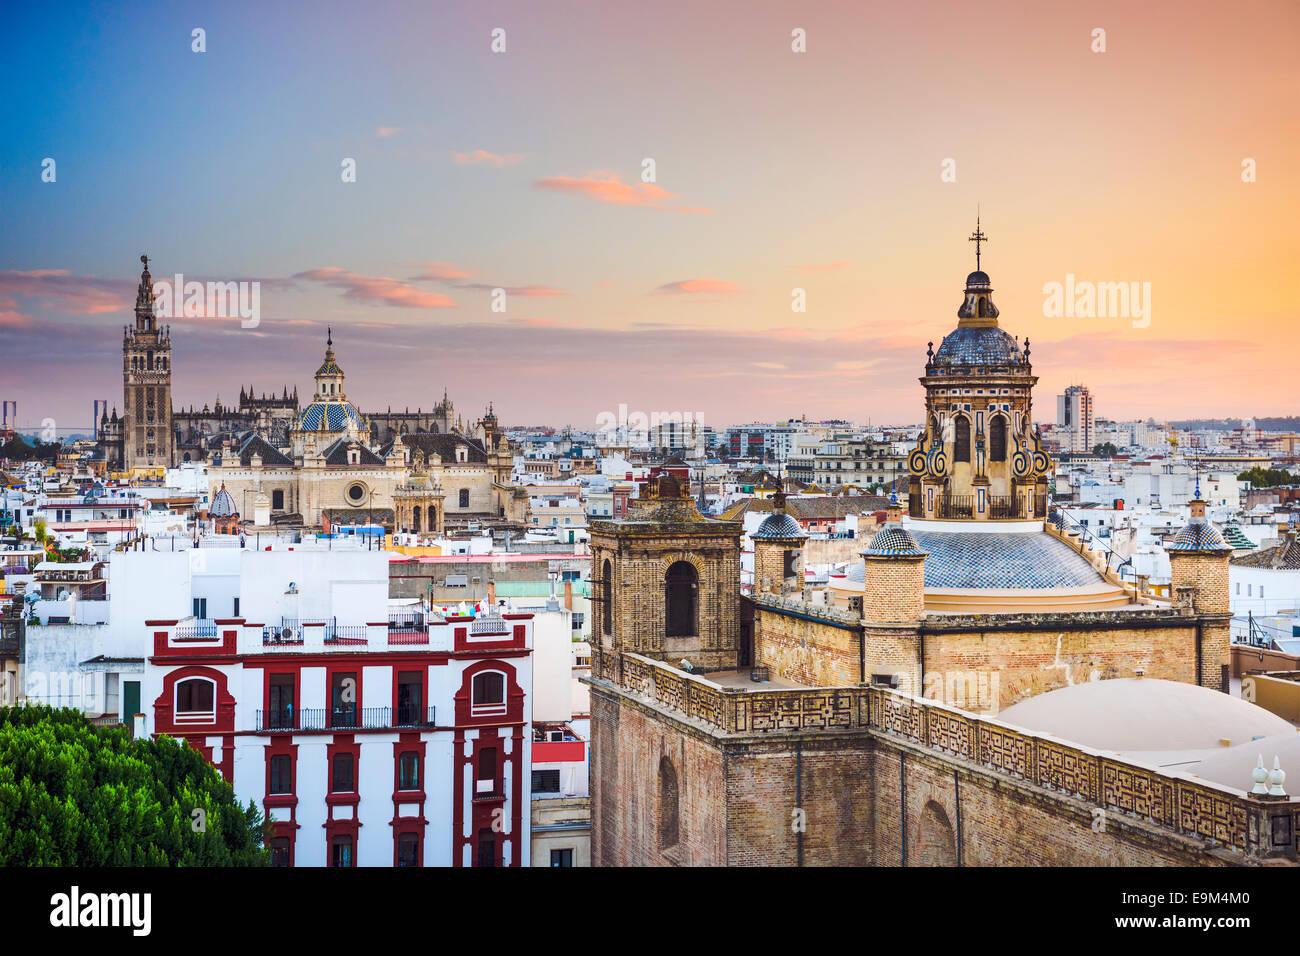 Seville, Spain city skyline at dusk. - Stock Image